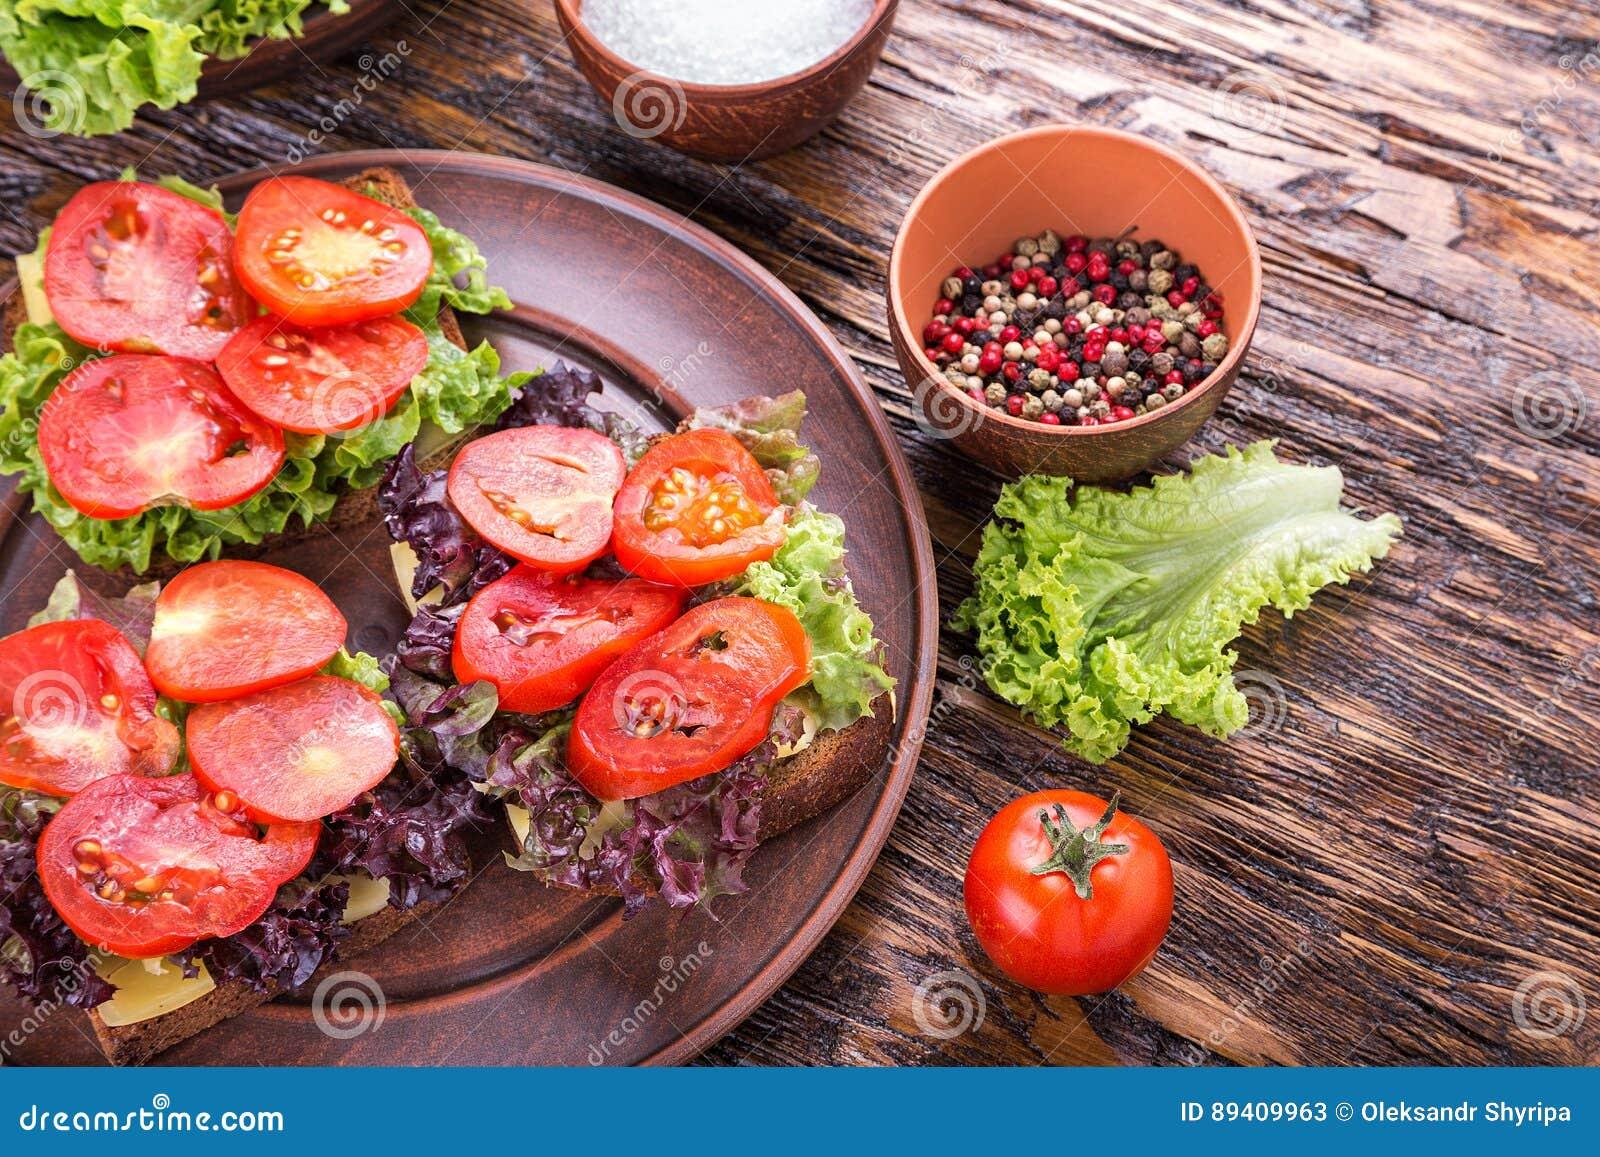 Brindes com tomate fresco